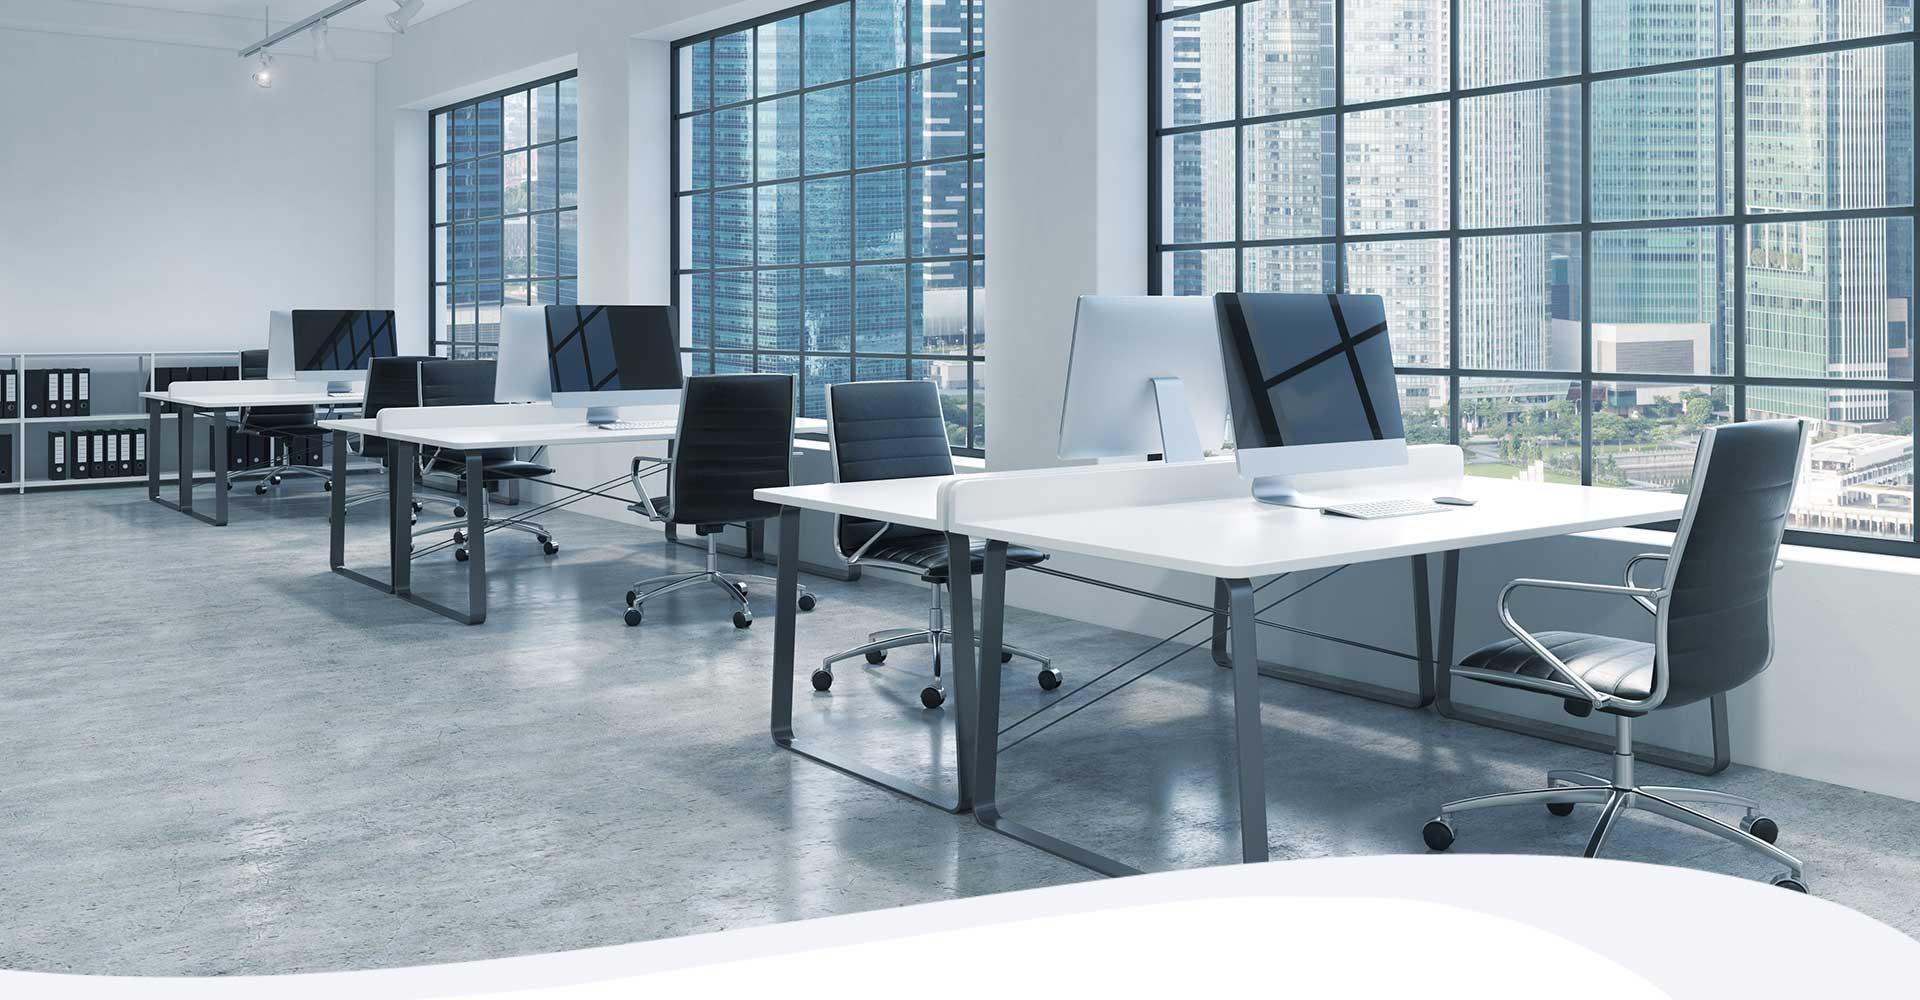 Vente de mobilier de bureau paris et en essonne for Mobilier bureaux professionnels